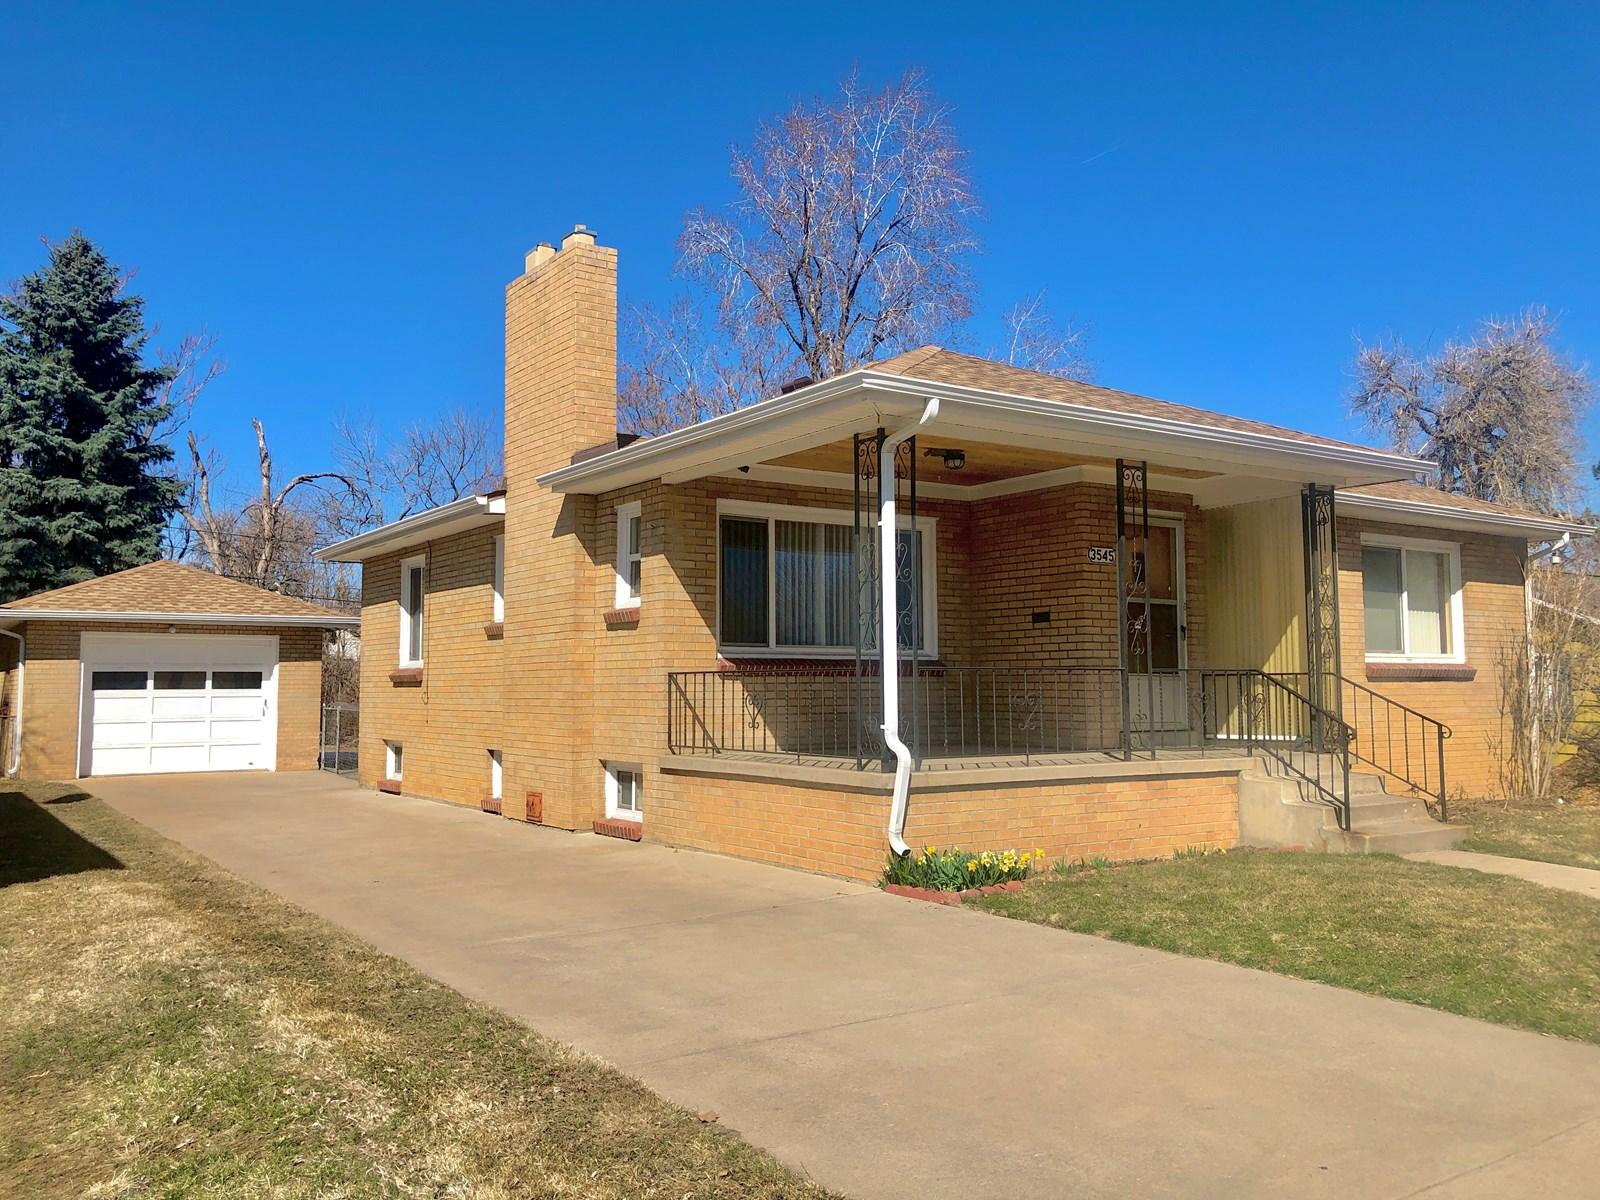 Colorado Home For Sale in Wheat Ridge Colorado